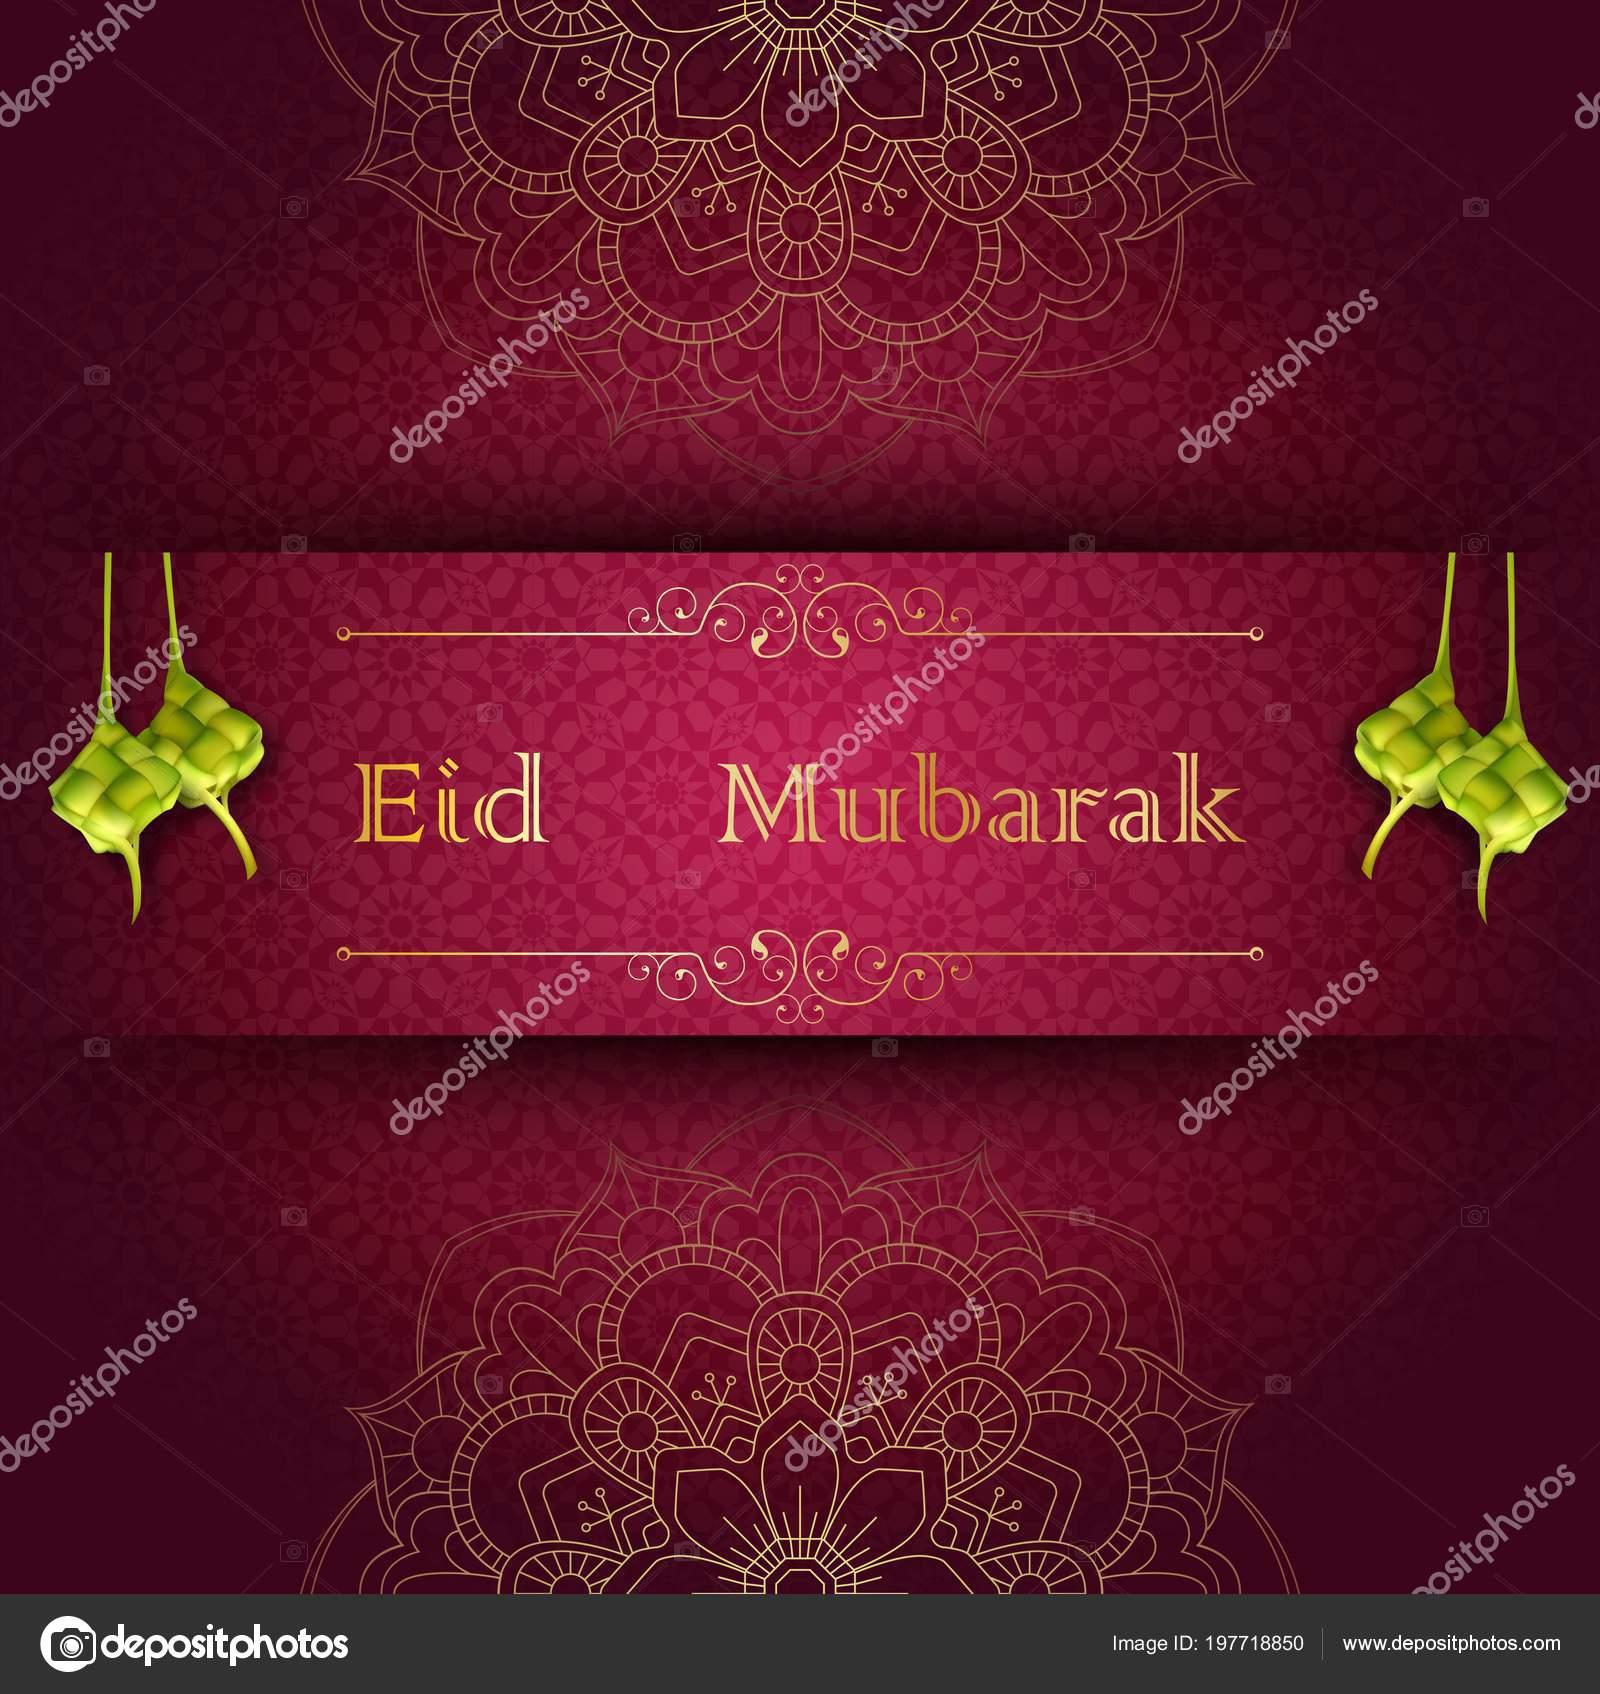 Eid mubarak islamic greeting card ketupat stock vector artnovi eid mubarak islamic greeting card ketupat stock vector m4hsunfo